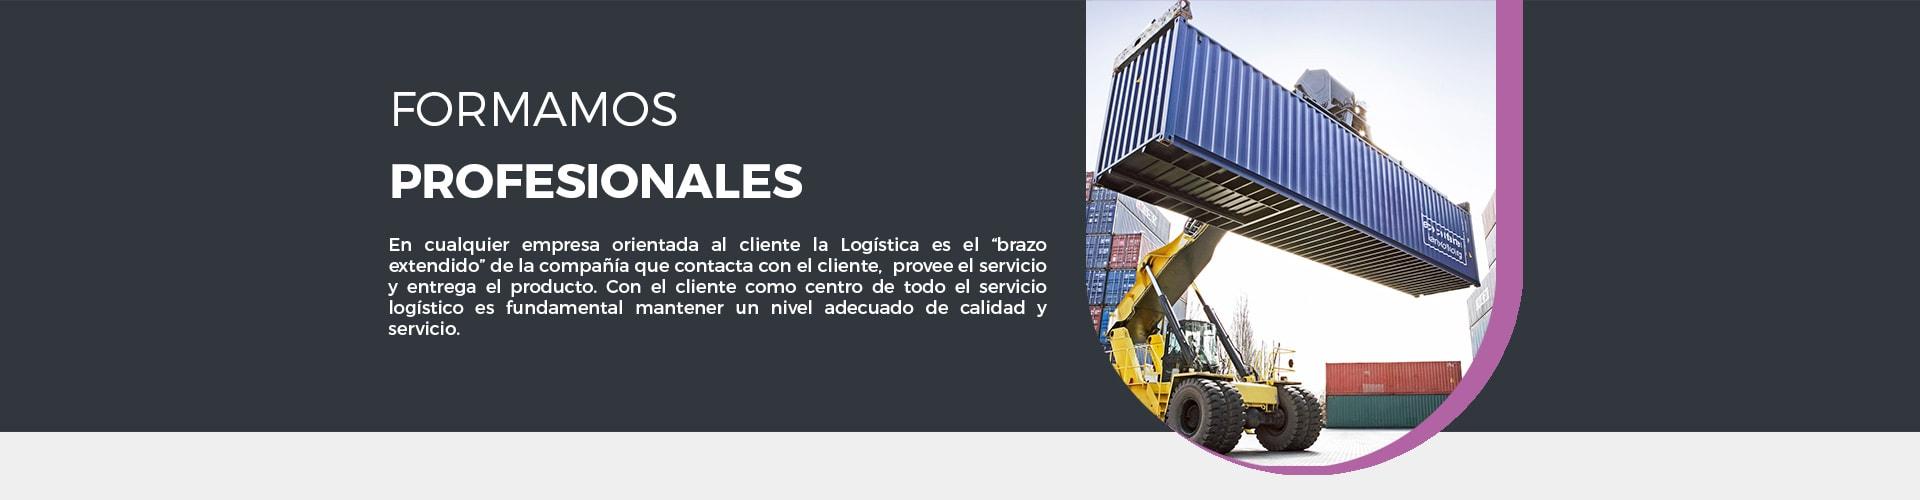 Este master de logística pone al cliente como centro de todo servicio logístico, para mantener un nivel adecuado de calidad o servicio.